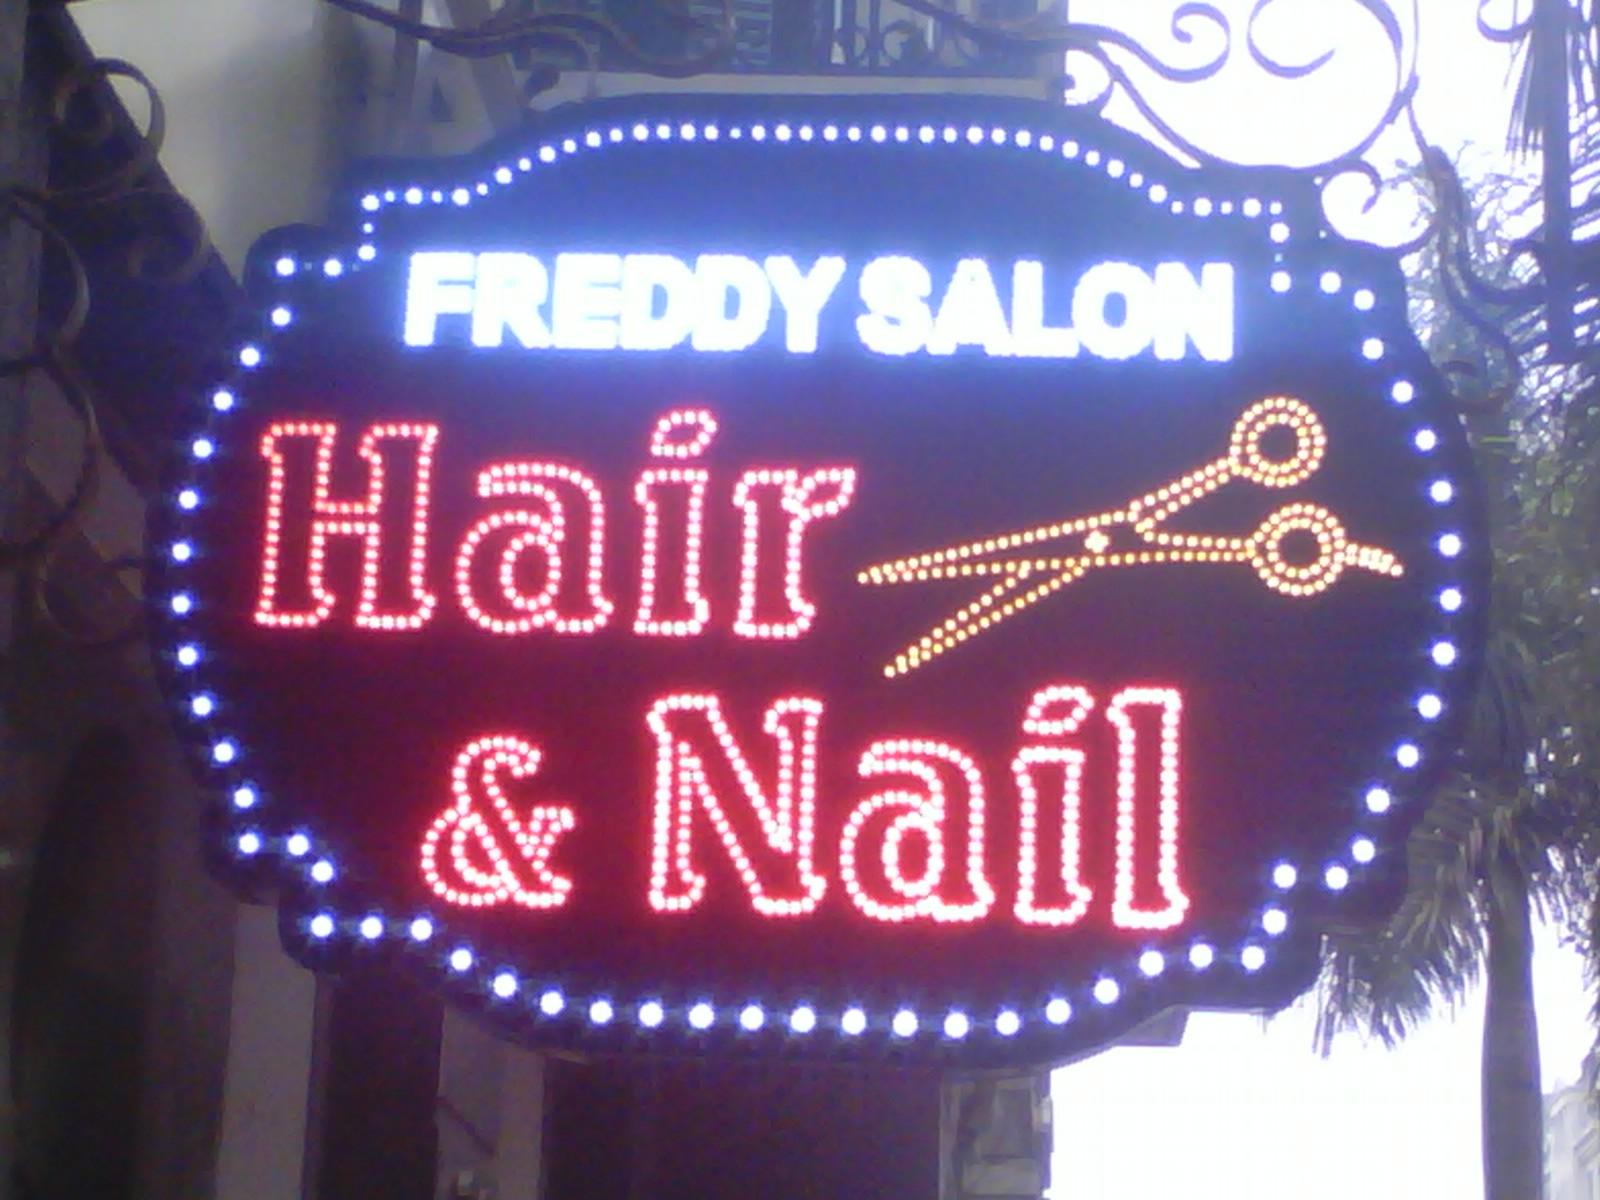 Bảng hiệu vẫy cắt tóc tại Đà Nẵng